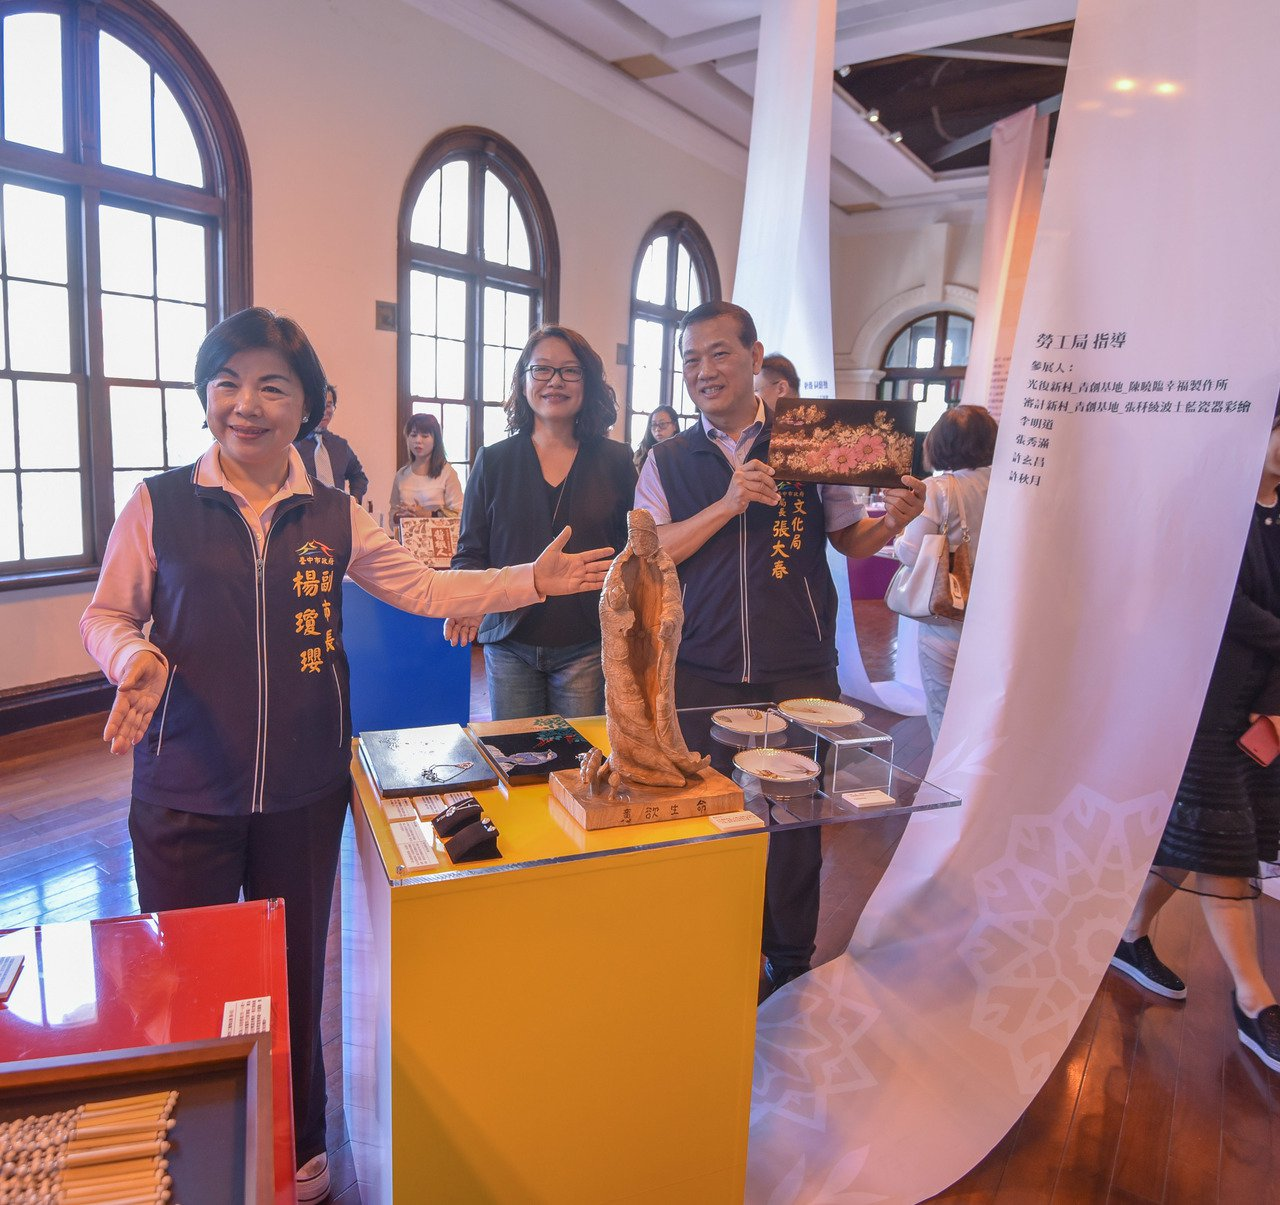 台中市副市長楊瓊瓔(左)、文化局長張大春(右)與策展人蕭明瑜老師(中)展場巡禮。...